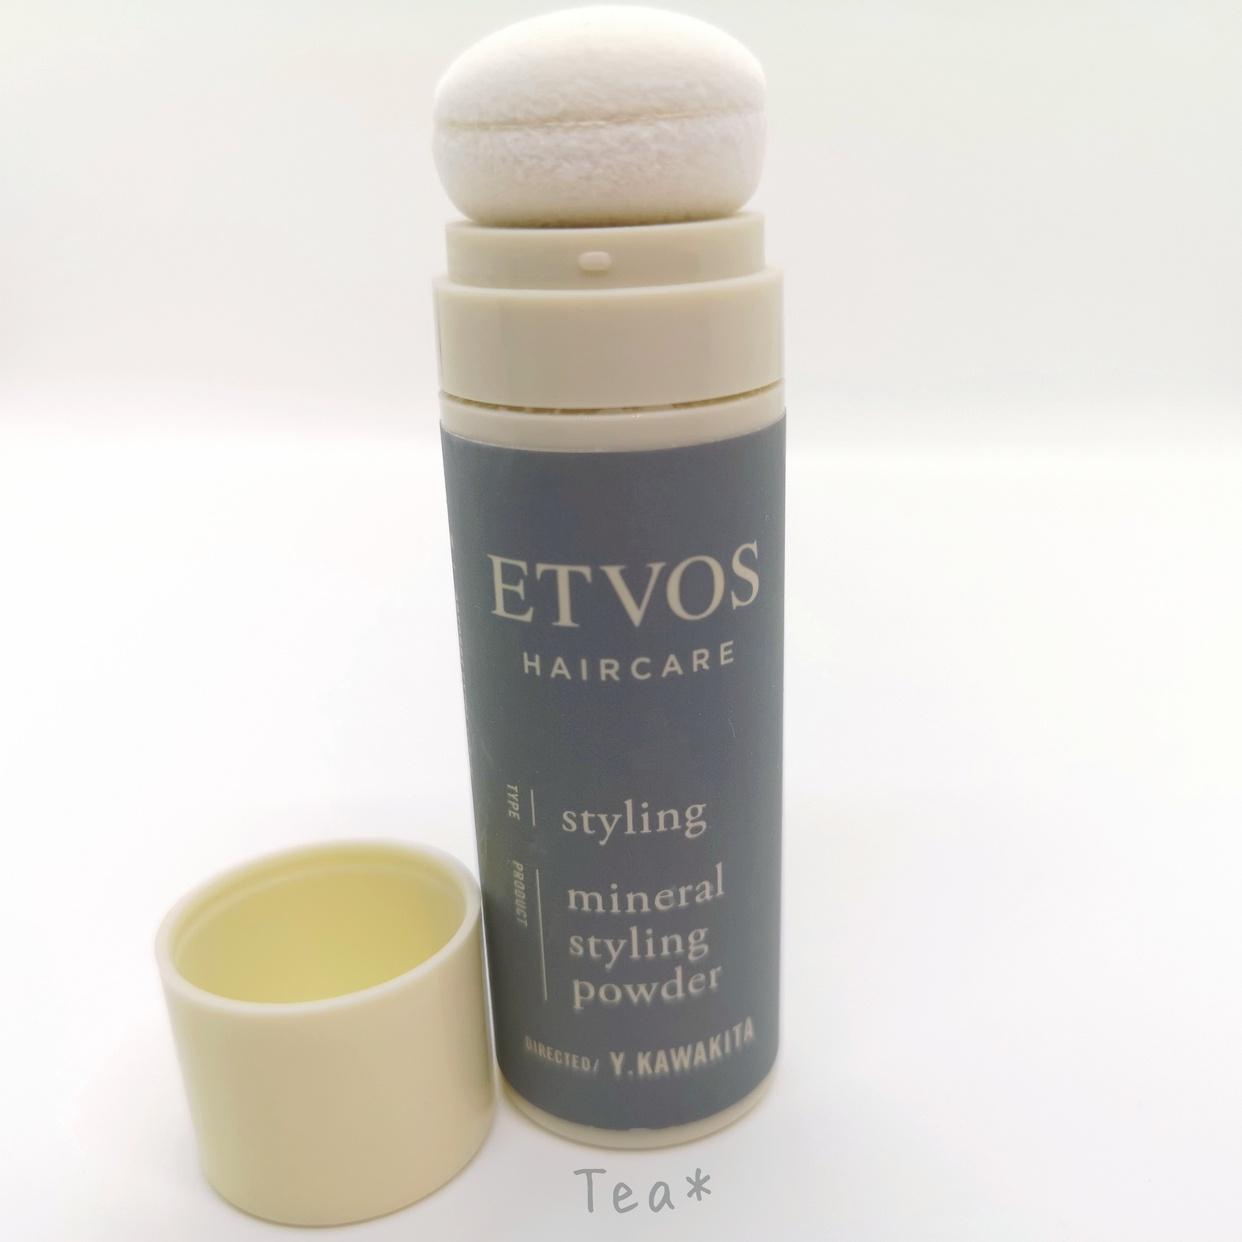 ETVOS(エトヴォス)ミネラルスタイリングパウダーを使ったTea*さんのクチコミ画像2